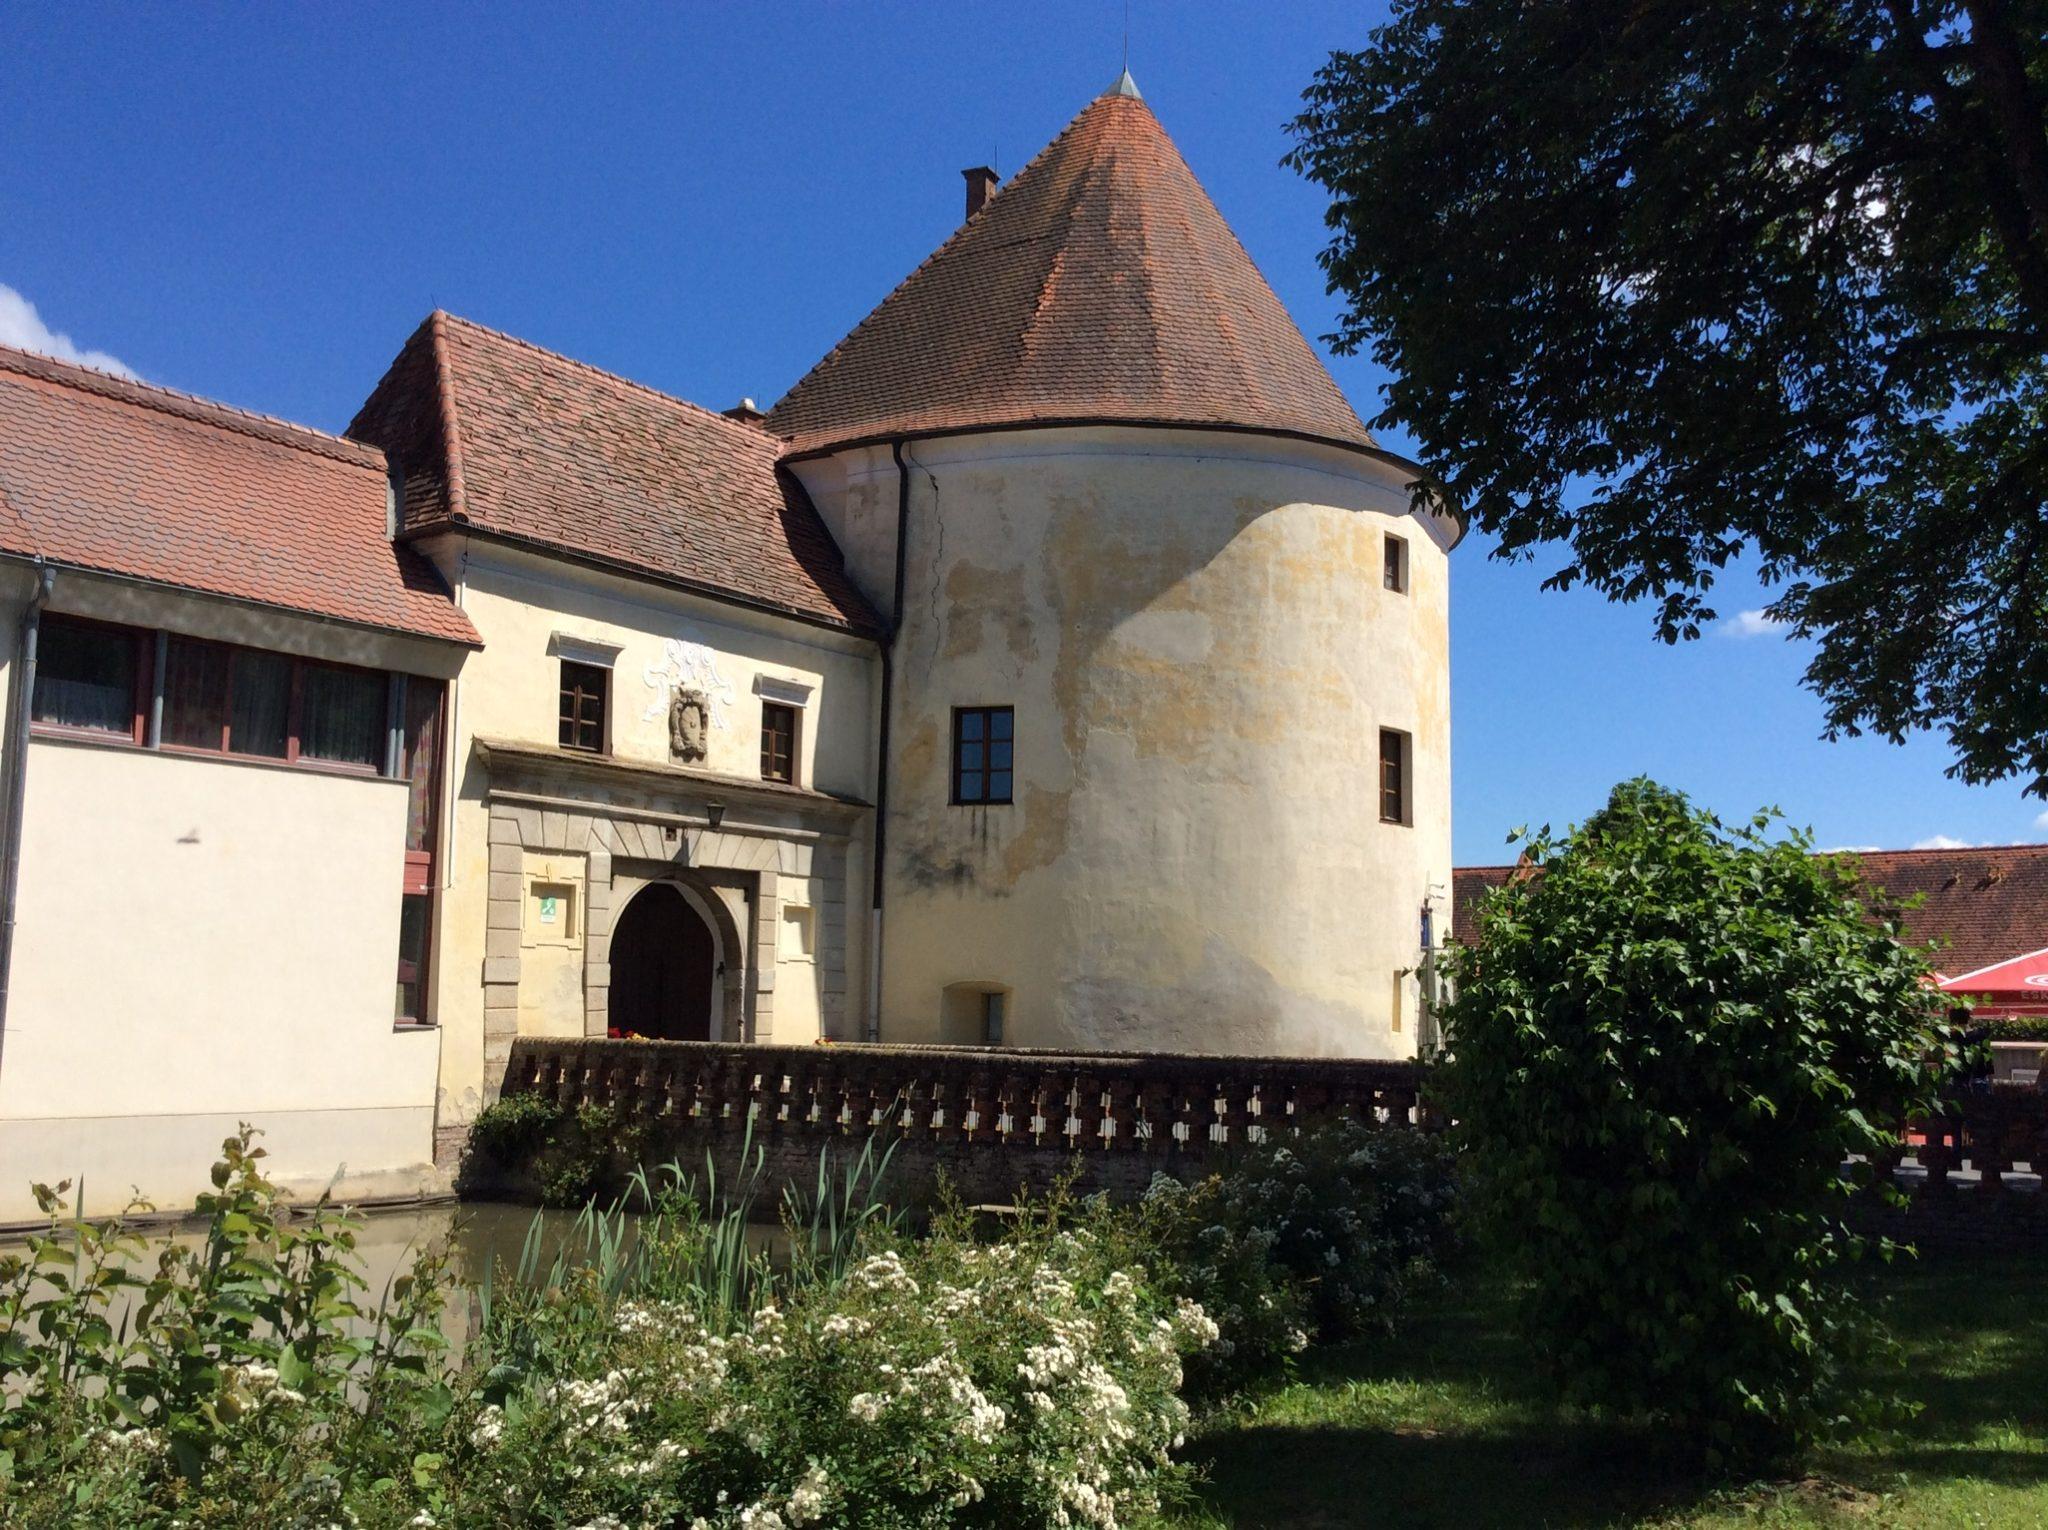 Ausflugsziel: Rundturm - Burgauer Schloss